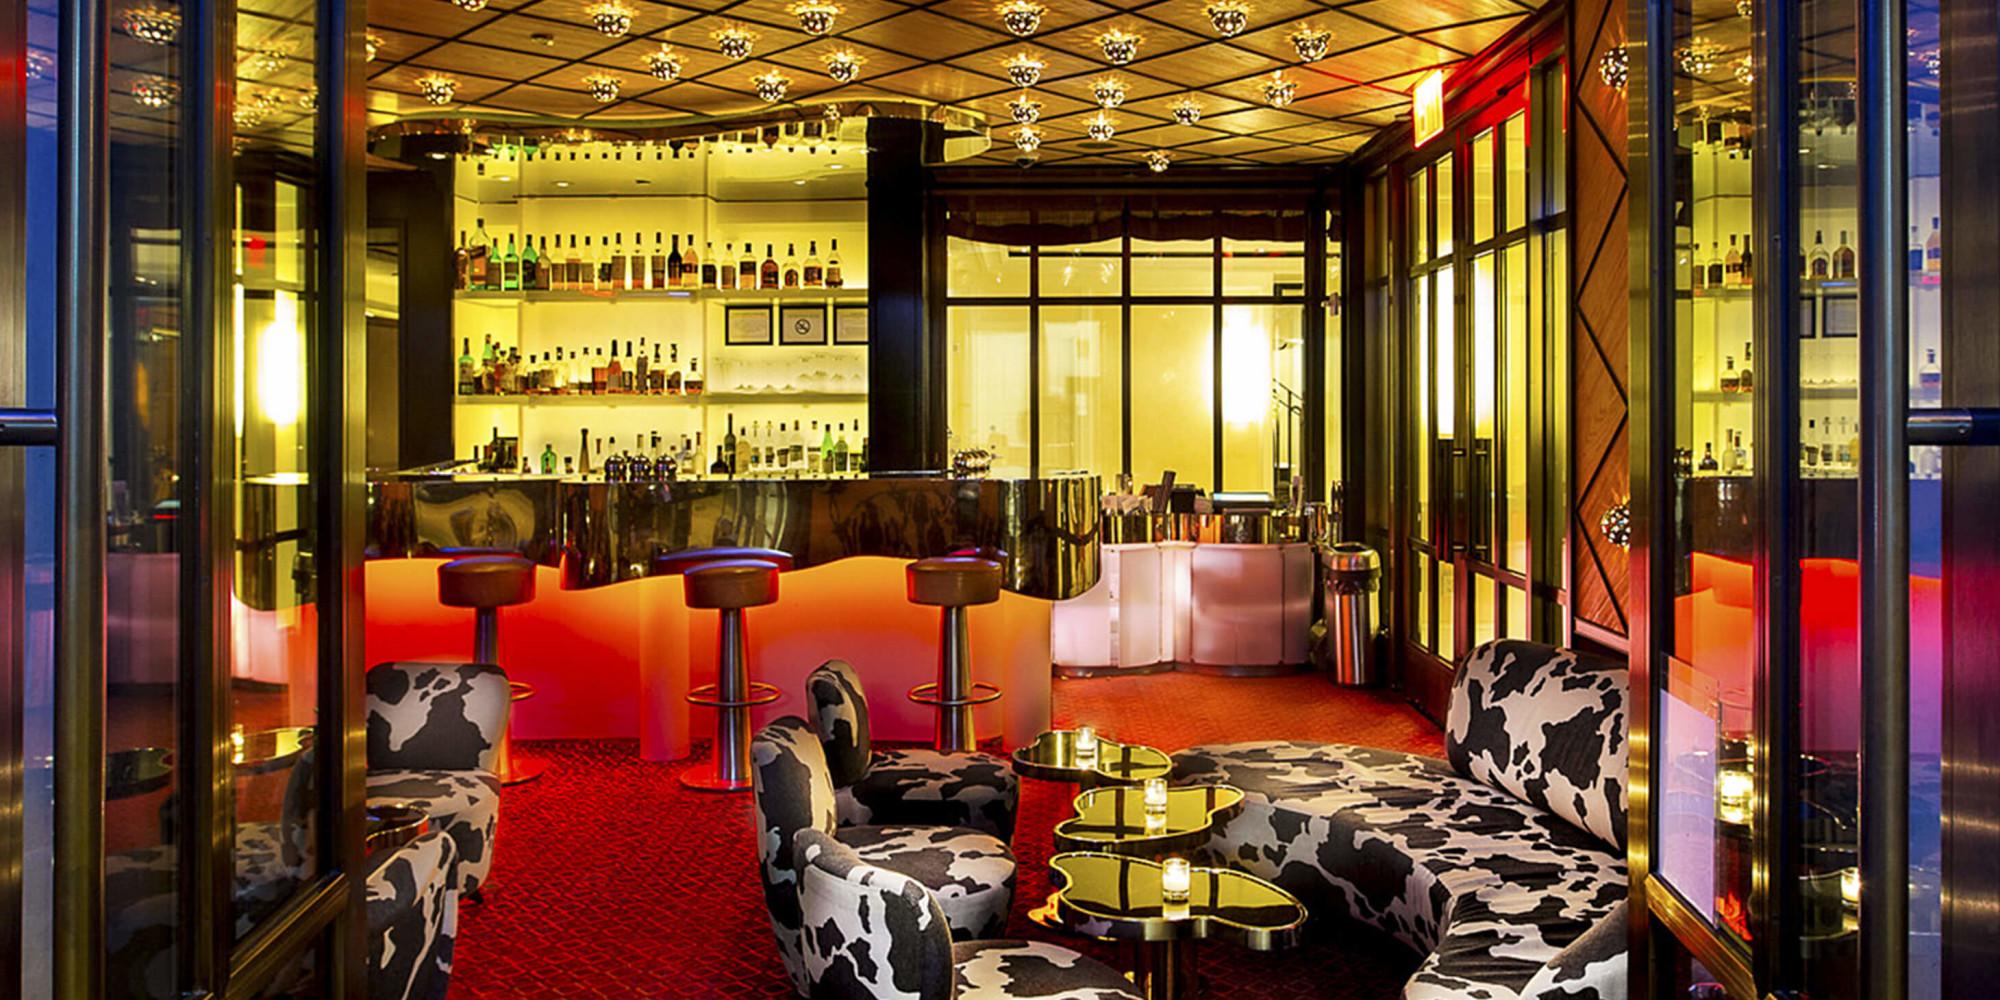 The Mark Hotel Restaurant